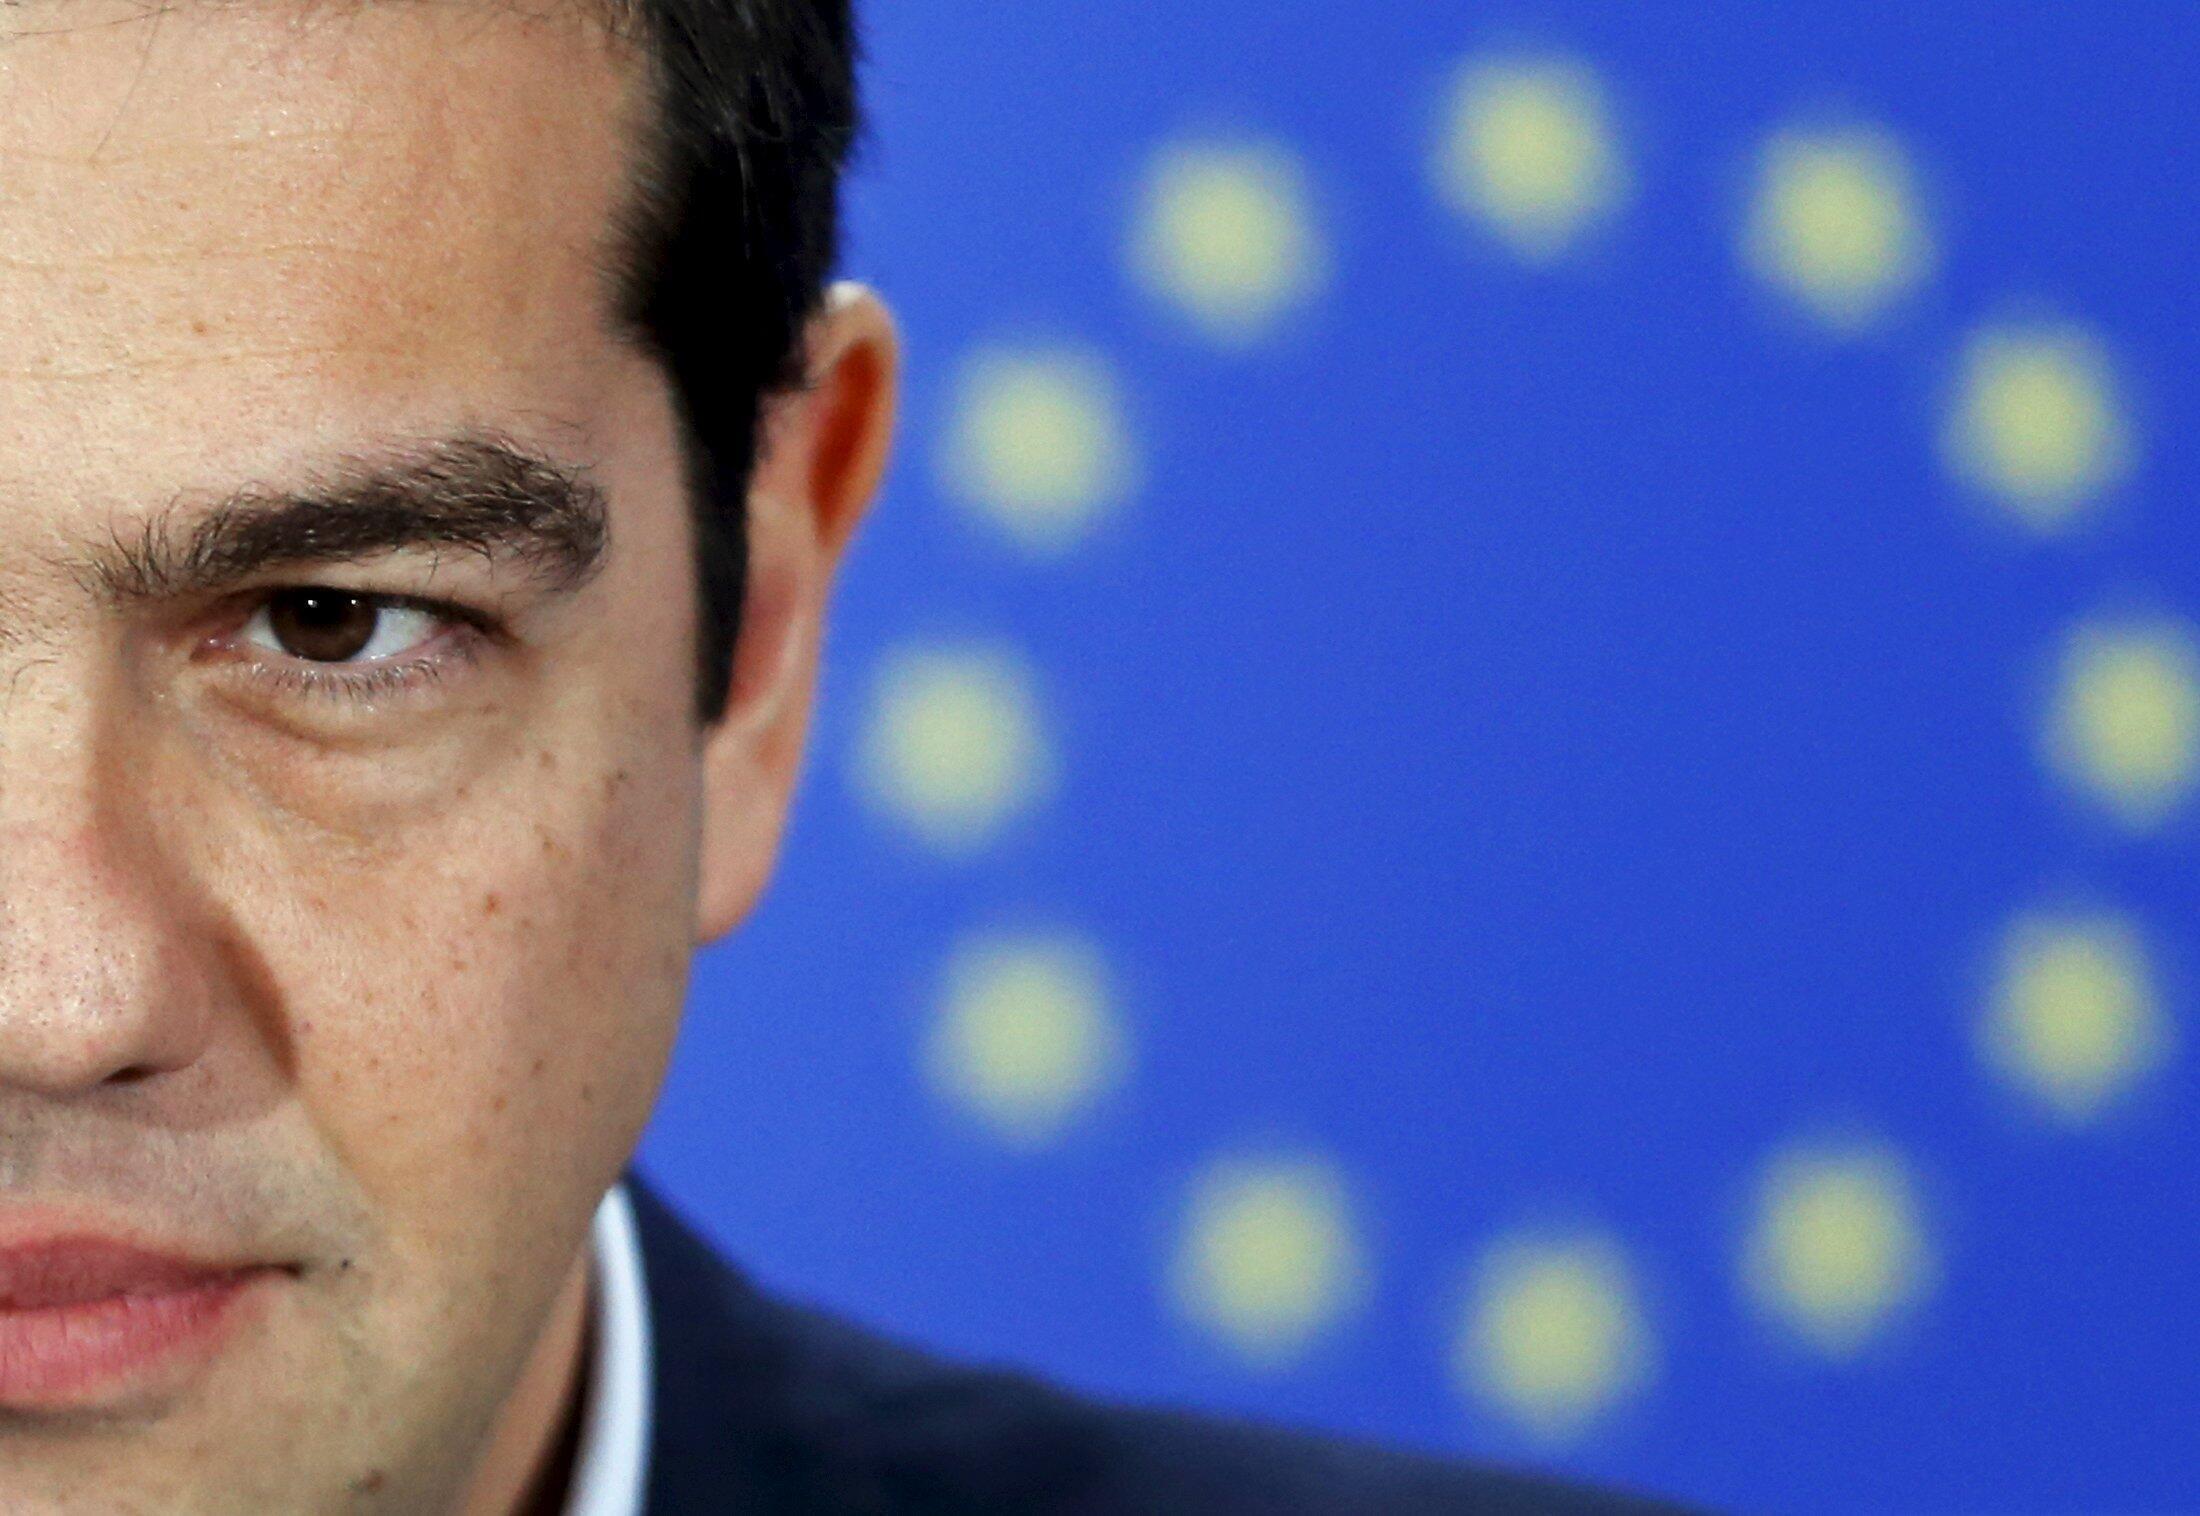 Nova proposta de acordo será apresentada pelo primeiro-ministro grego, Alexis Tsiprasa  durante reunião extraordinária em Bruxelas nesta segunda-feira (22).